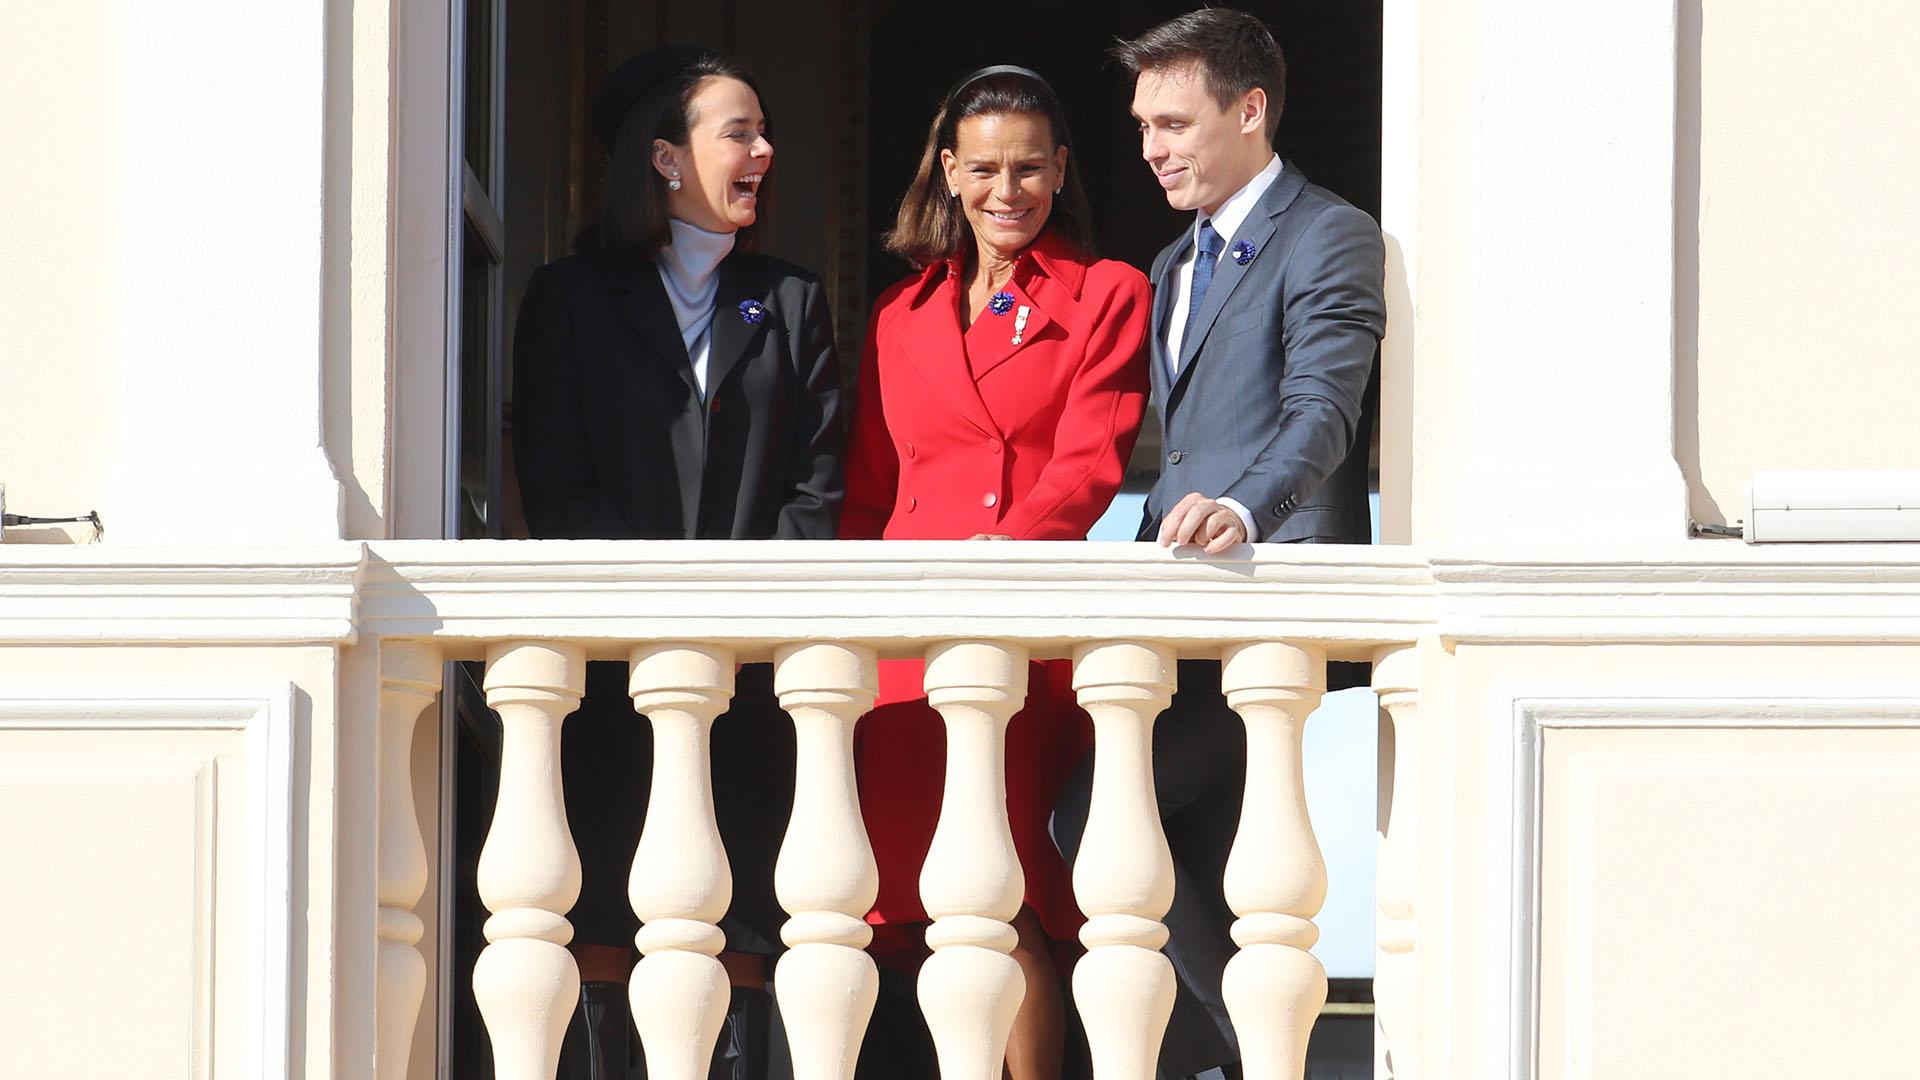 Estefanía sonríe junto a sus hijos Pauline y Louis Ducruet en el balcón del Palacio